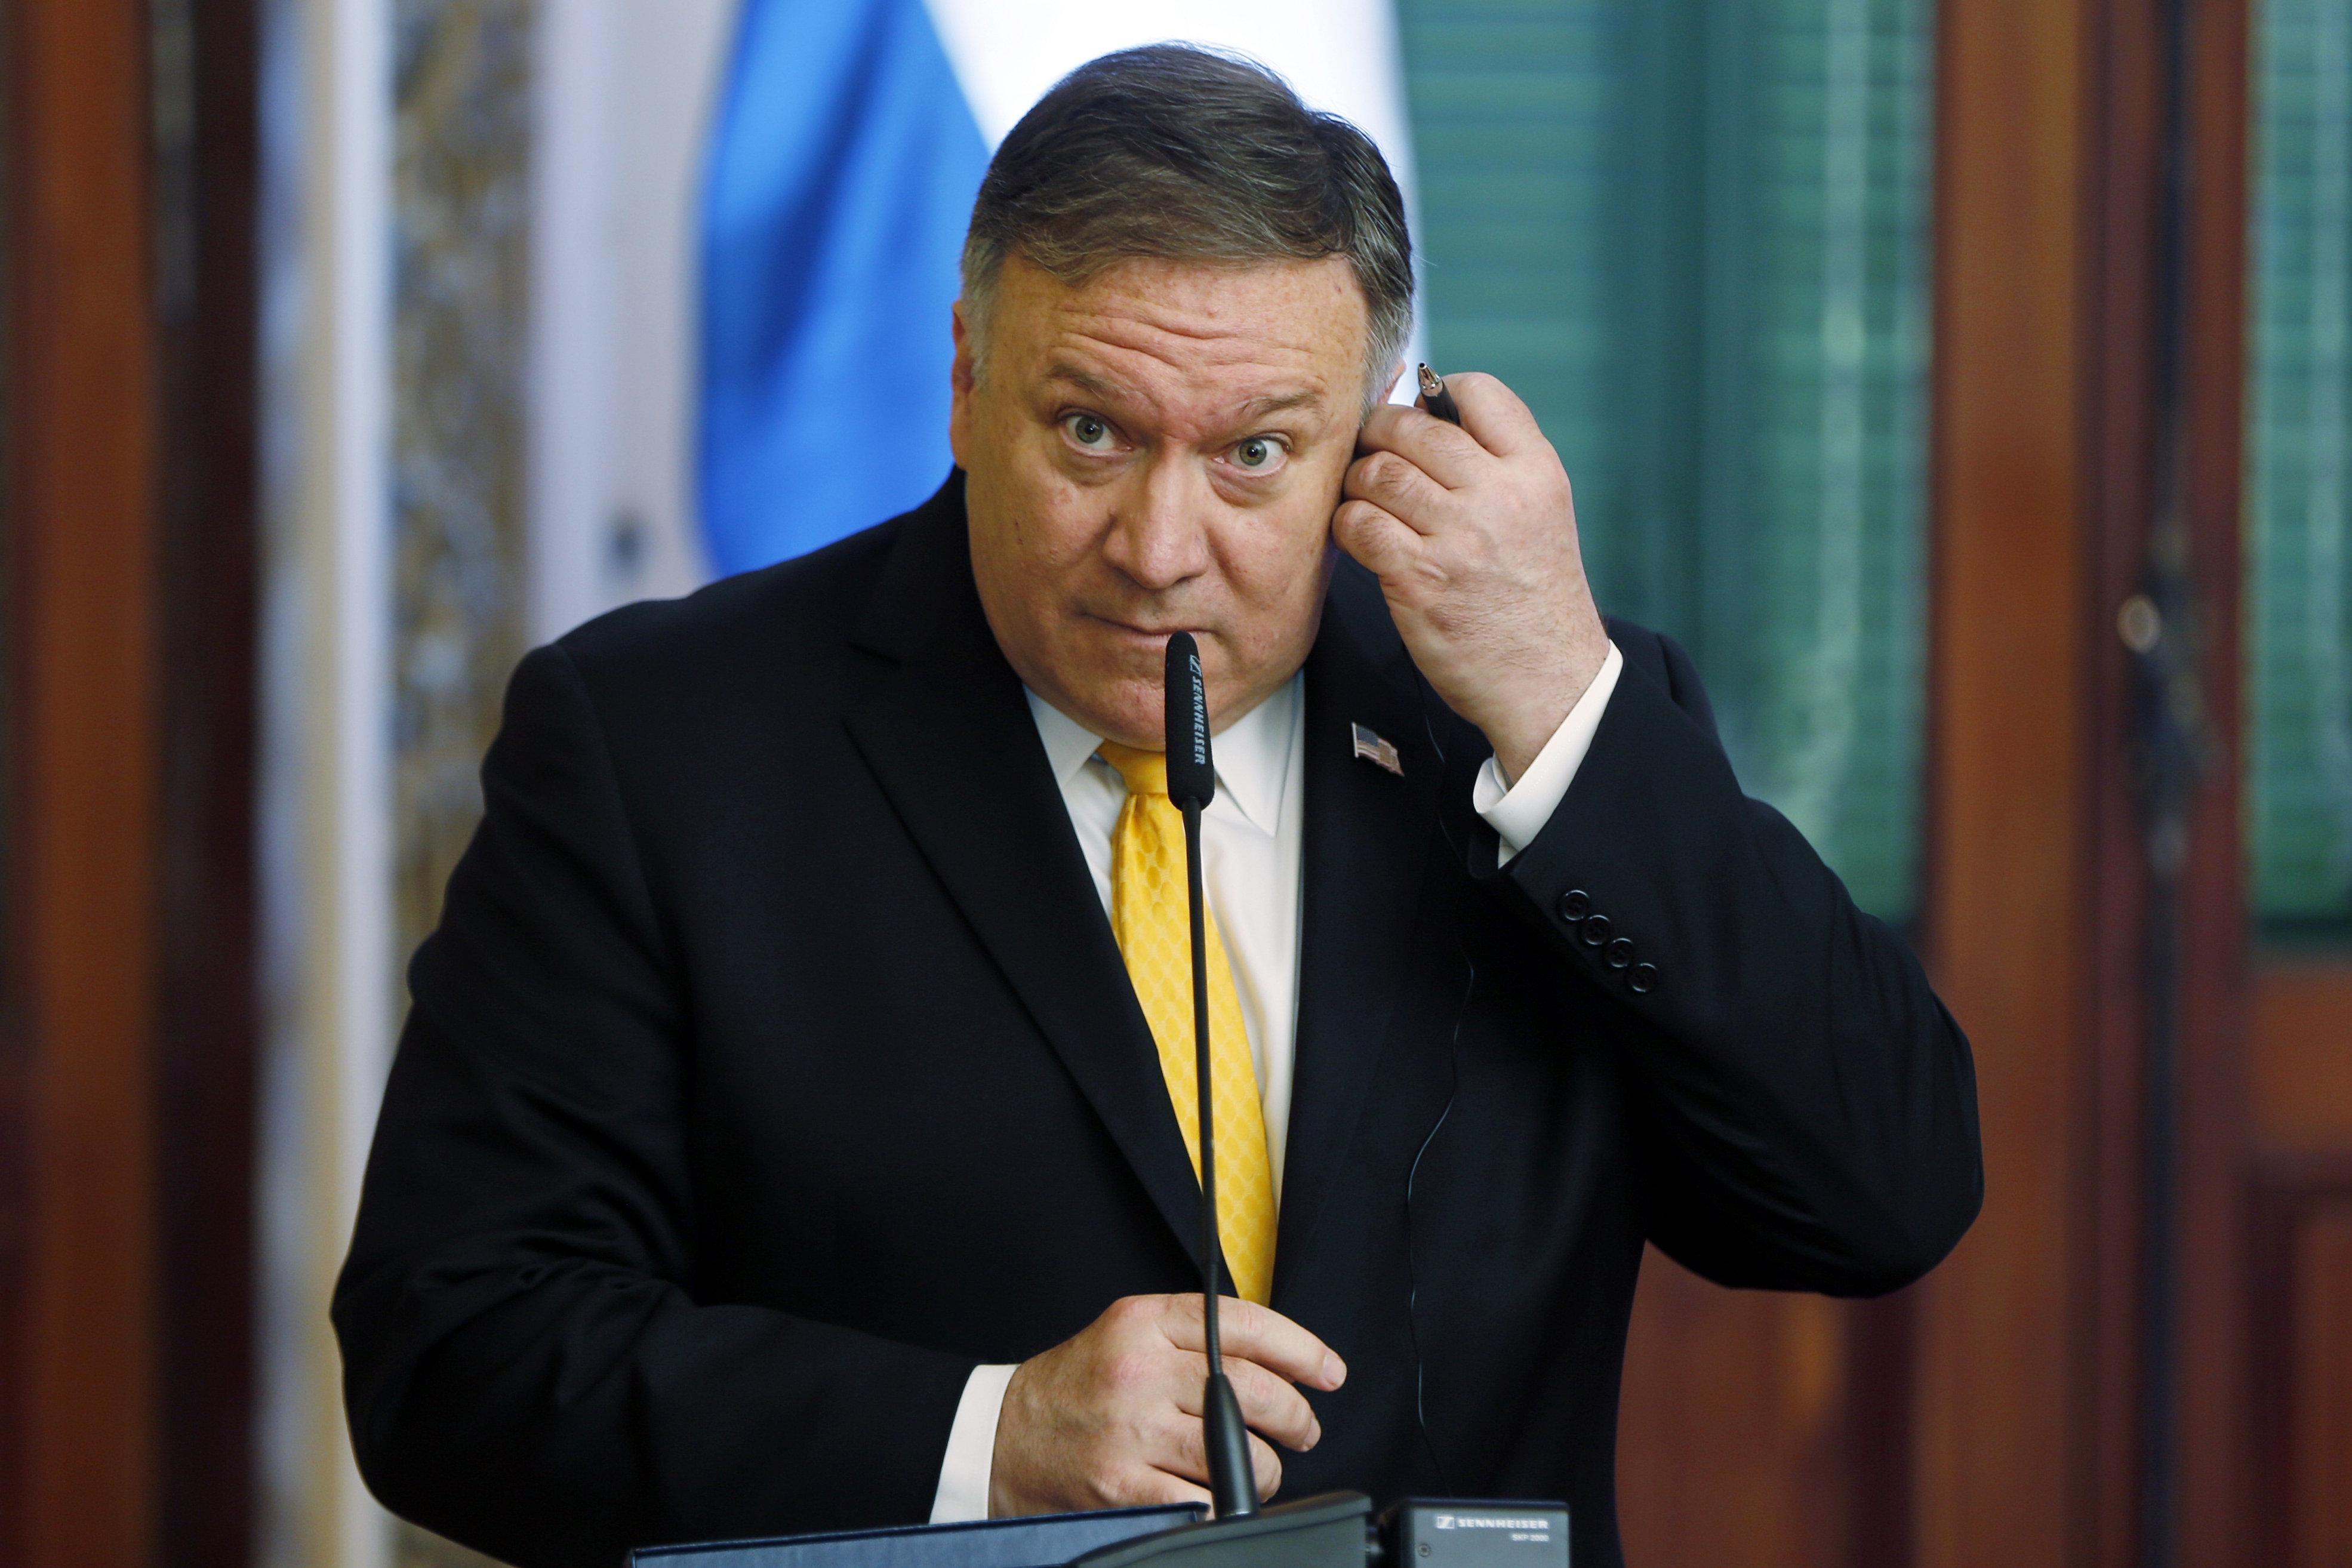 El secretario de Estado estadounidense Mike Pompeo ofrece una conferencia de prensa junto con el canciller paraguayo Luis Castiglioni, fuera del cuadro, en el Palacio López de Asunción, Paraguay, el sábado 13 de abril de 2019. (AP Foto/Jorge Sáenz)